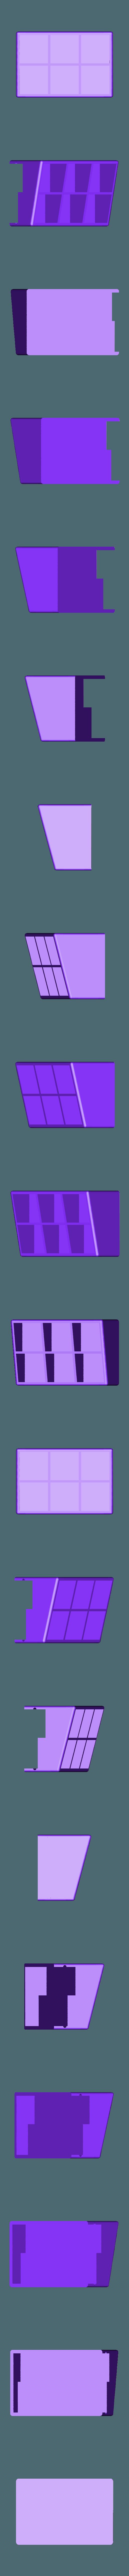 LipstickHolder.stl Download free STL file LipstickHolder • 3D printer model, Digitang3D